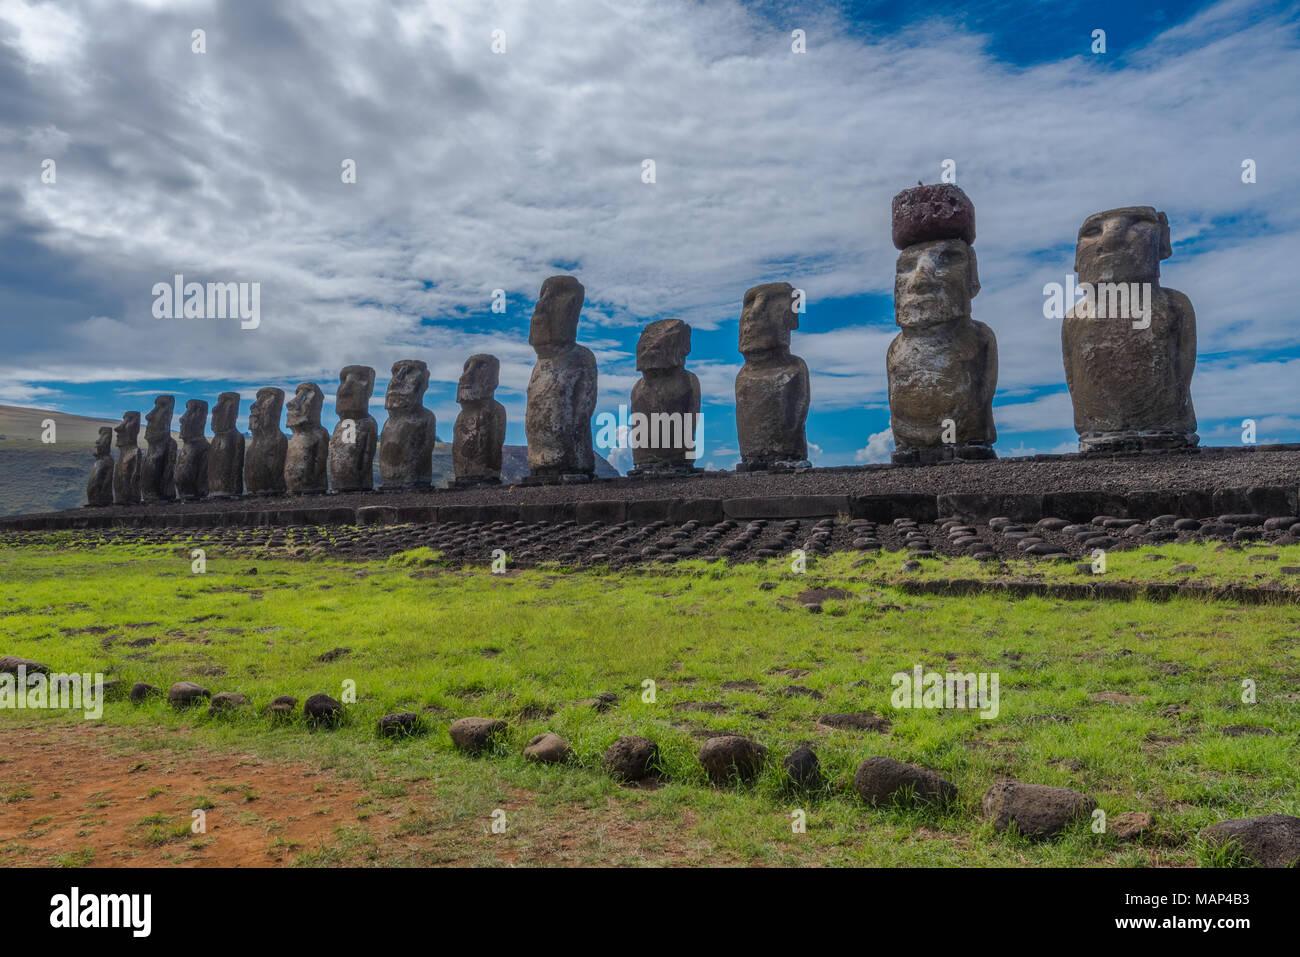 Ampia angolazione di 15 statue Moai rivolti verso l'interno sopra l'isola di pasqua a Tongariki con una drammatica nuvola bianca e blu sullo sfondo del cielo. Immagini Stock